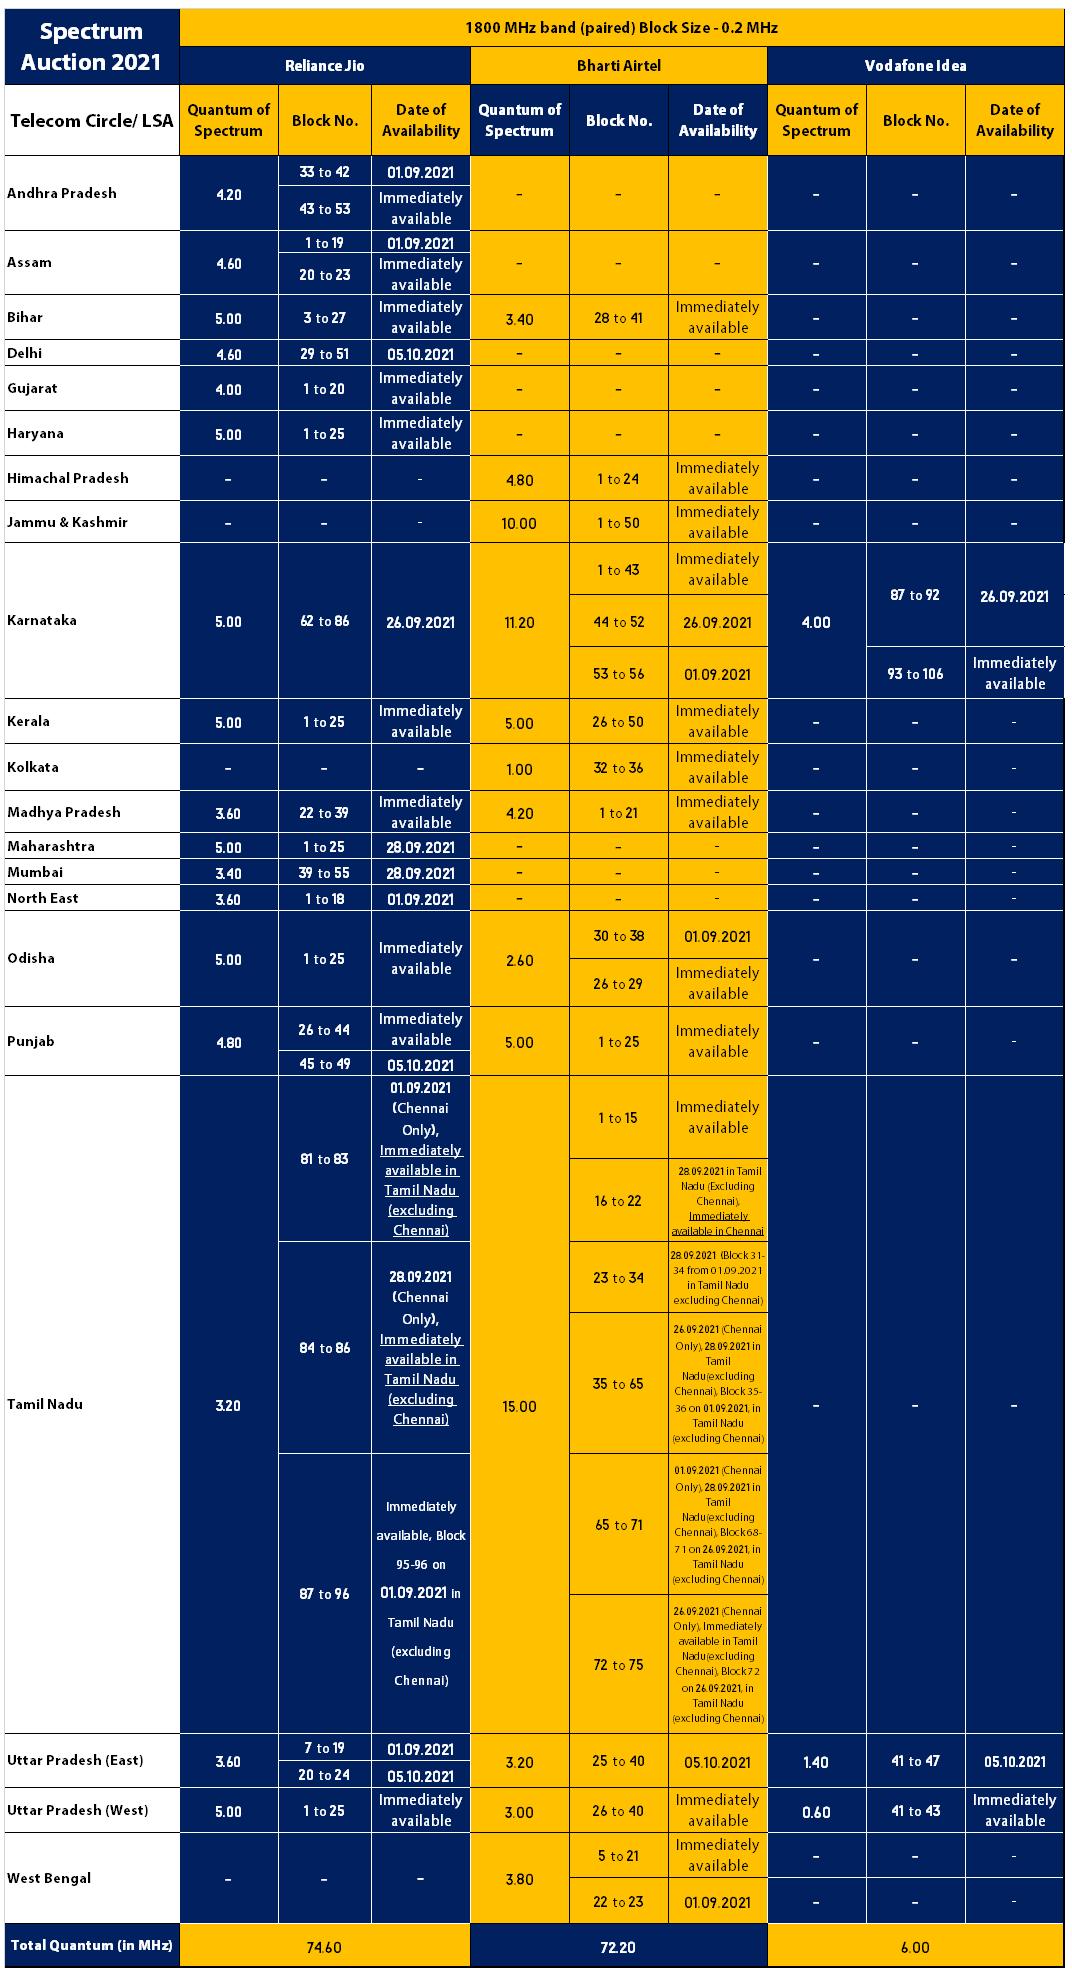 1800 MHz - Spectrum Auction 20221